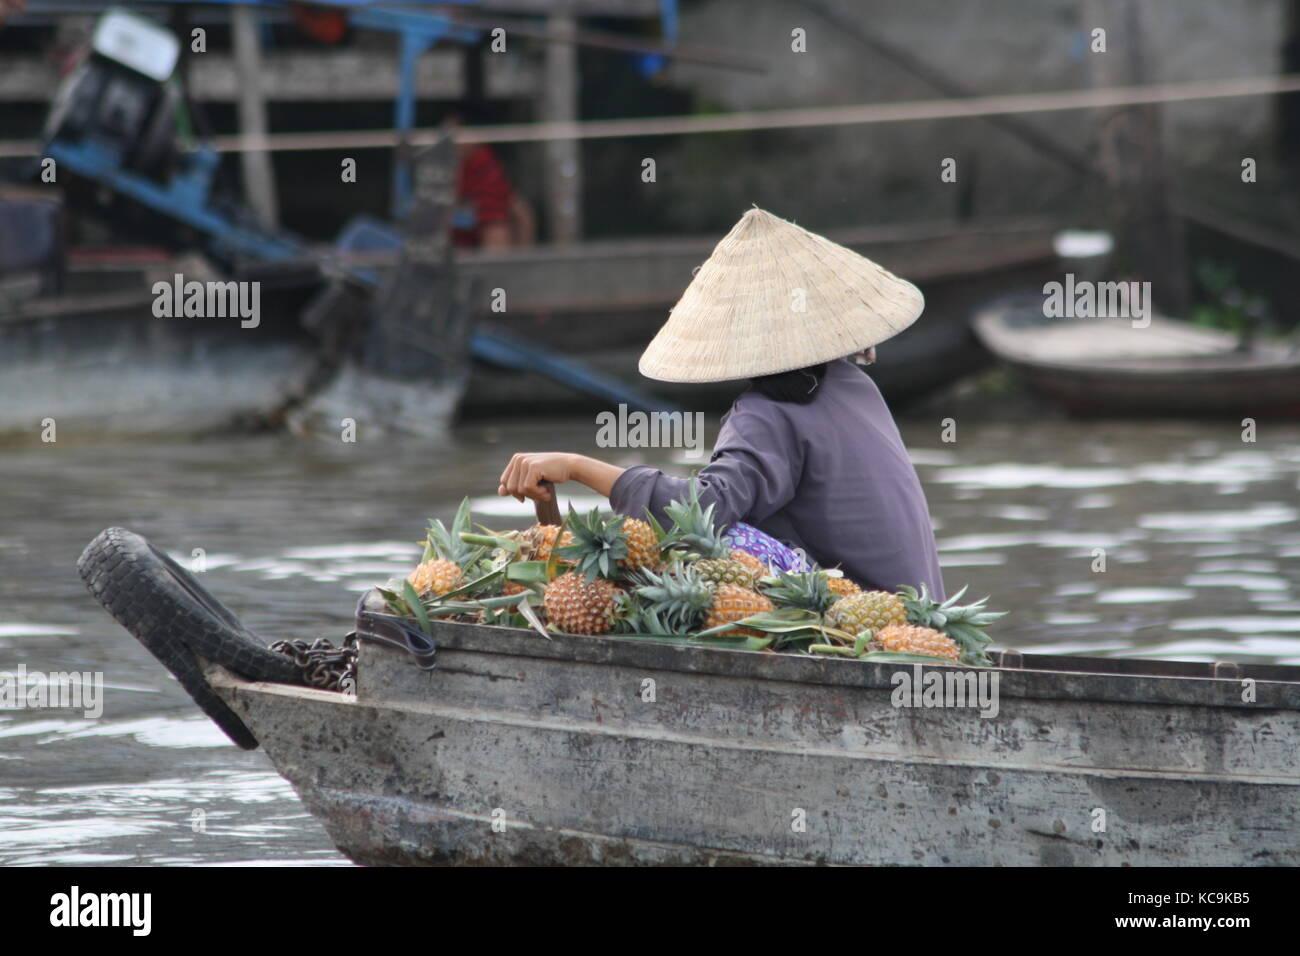 Frau mit  einem vollen Boot ananas Frau mit  einem vollen Boot ananas - Woman with a full boat of pineapple - Stock Image